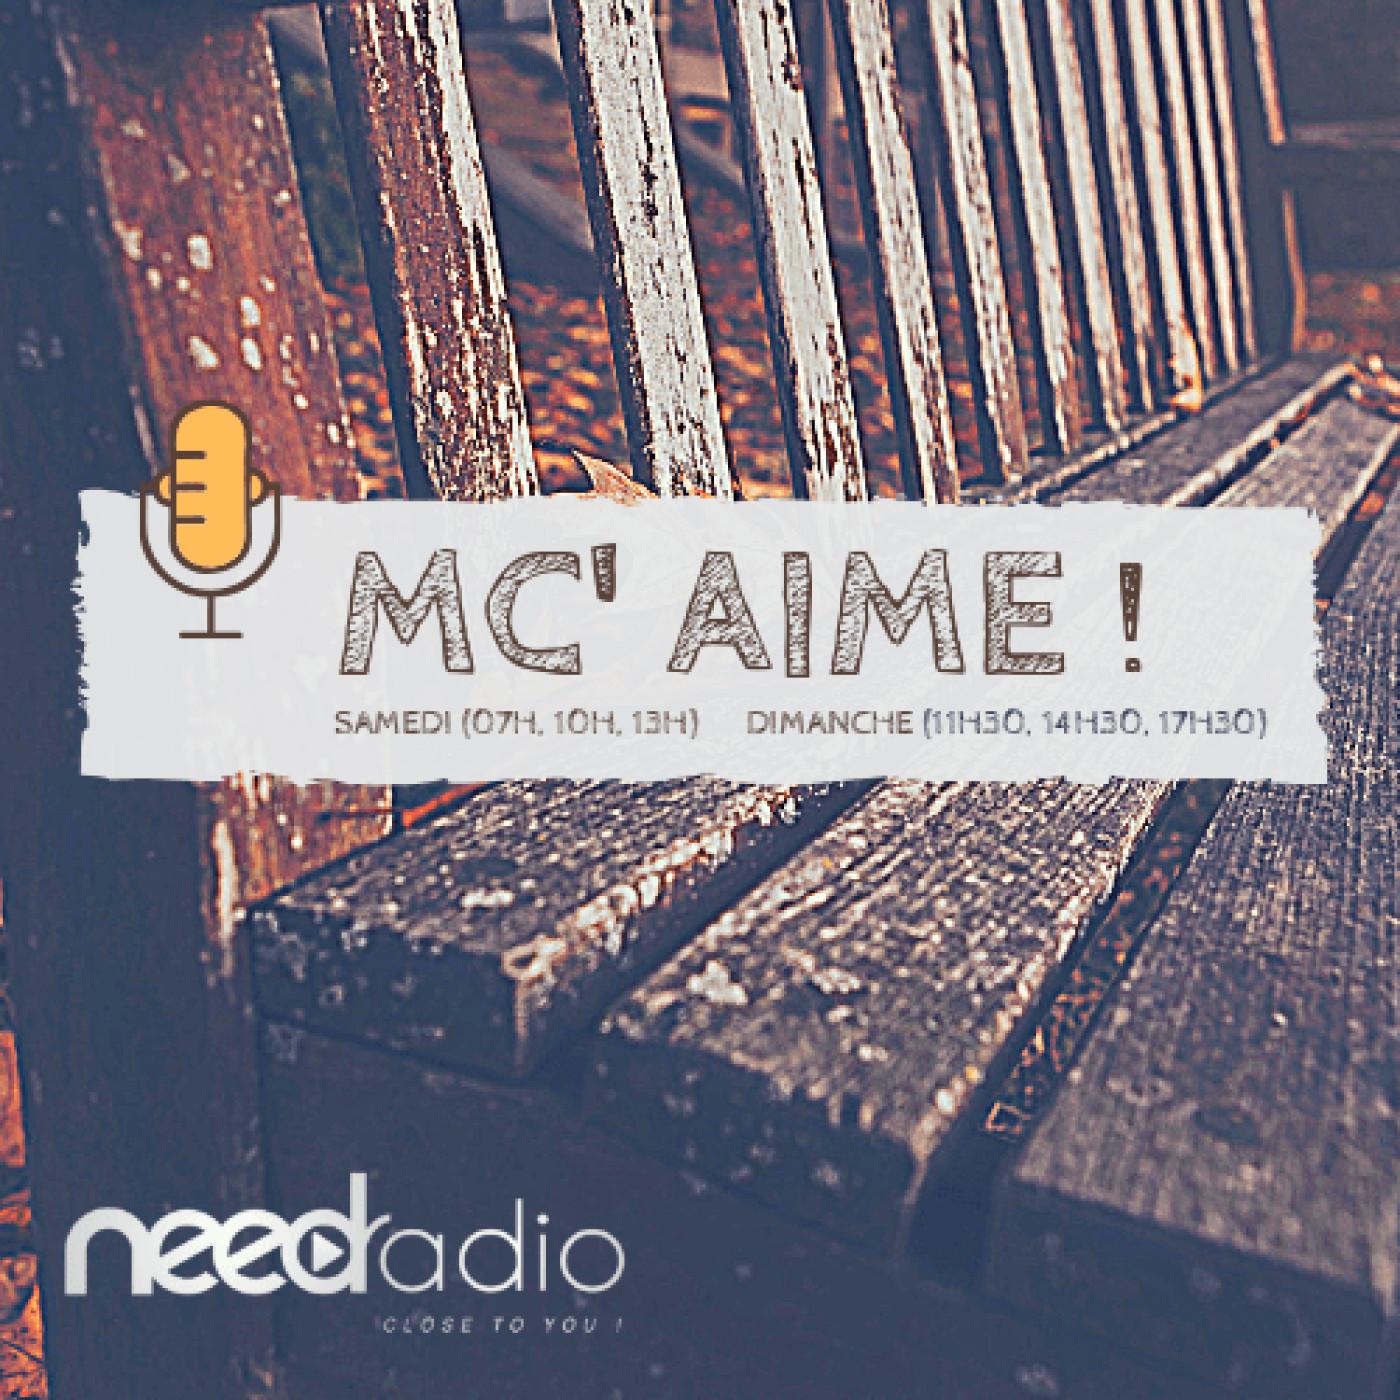 MC' Aime - Hors norme (avec Marie-Claire) (26/10/19)